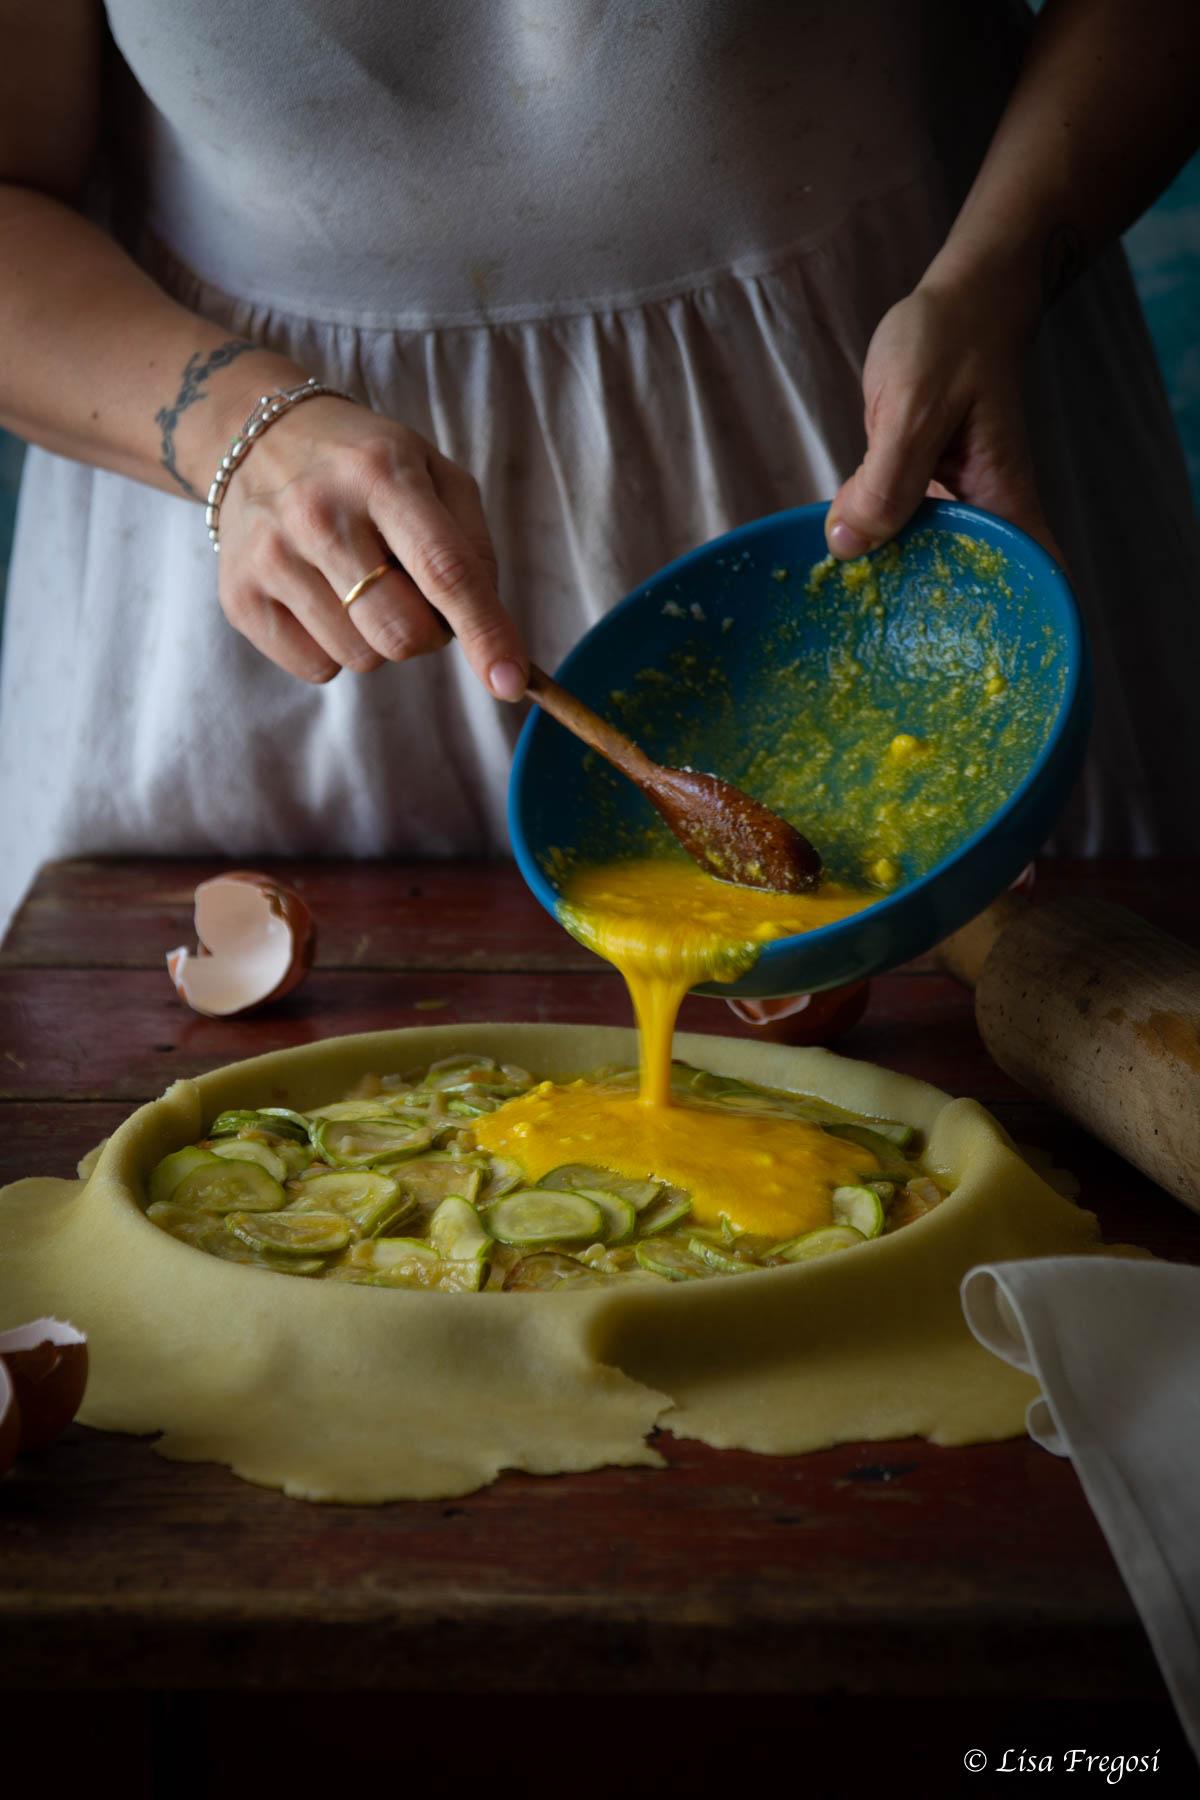 torta salata di zucchine fatta in casa